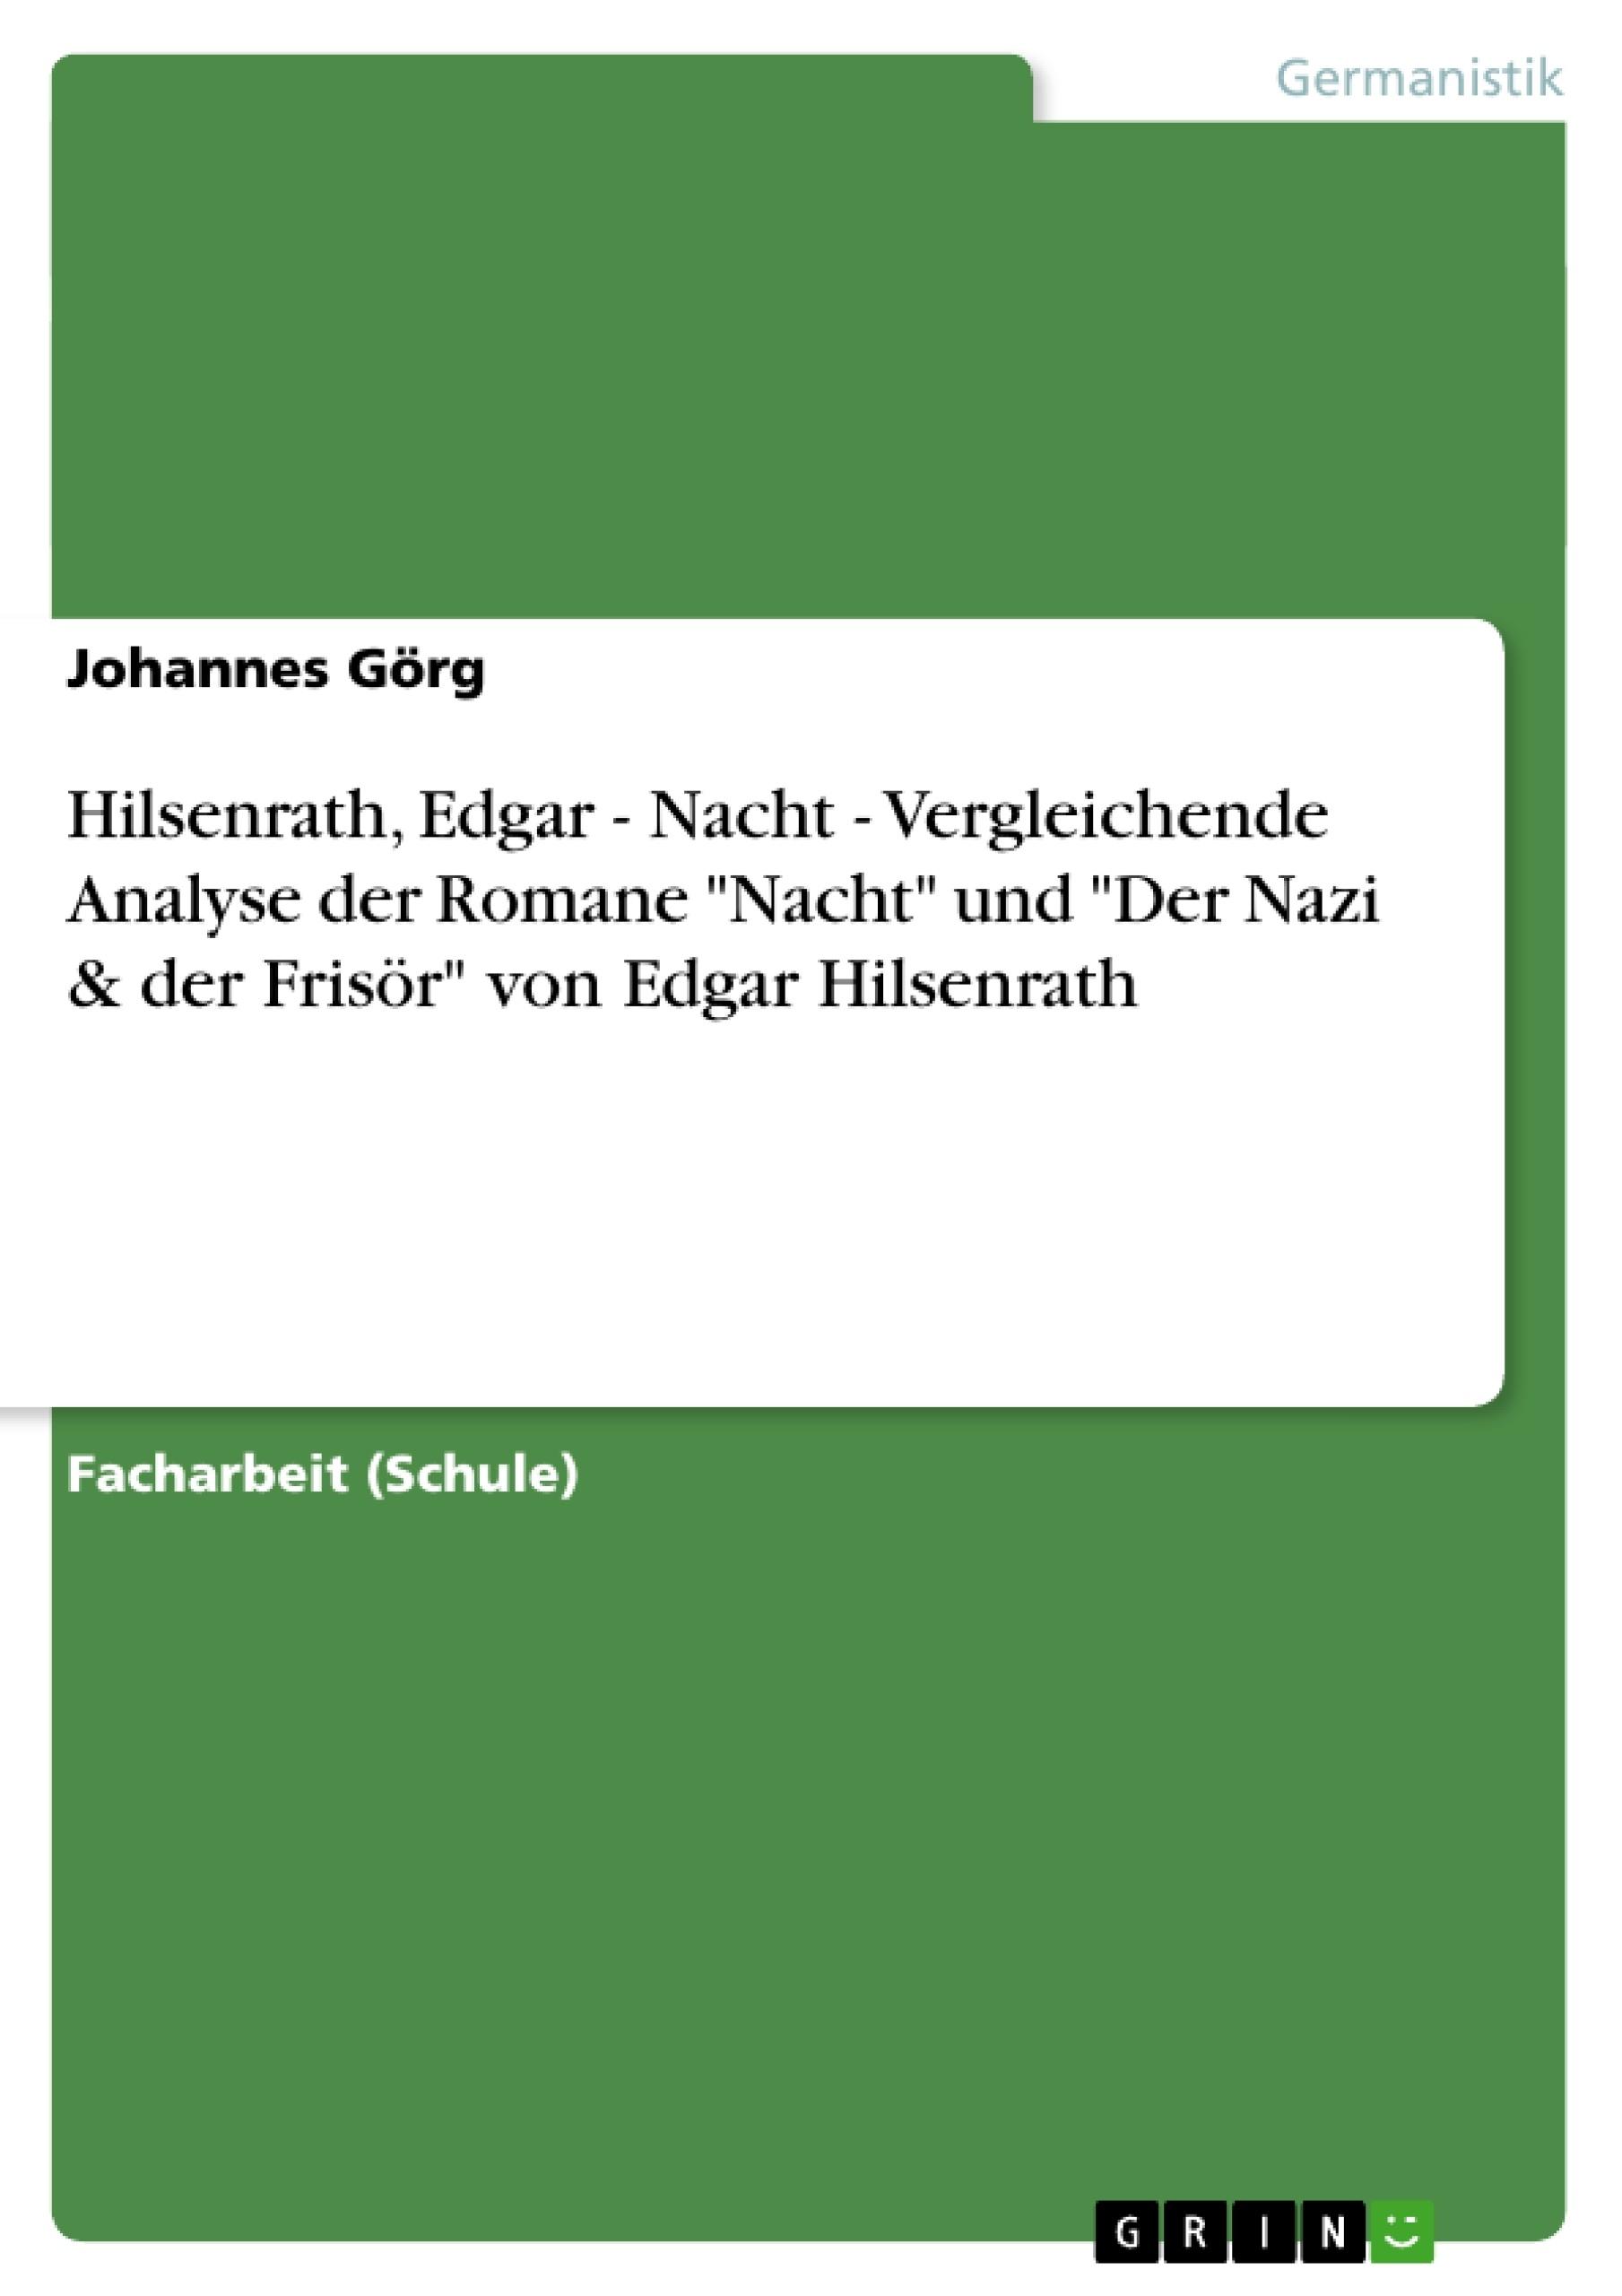 """Titel: Hilsenrath, Edgar - Nacht - Vergleichende Analyse der Romane """"Nacht"""" und """"Der Nazi & der Frisör"""" von Edgar Hilsenrath"""